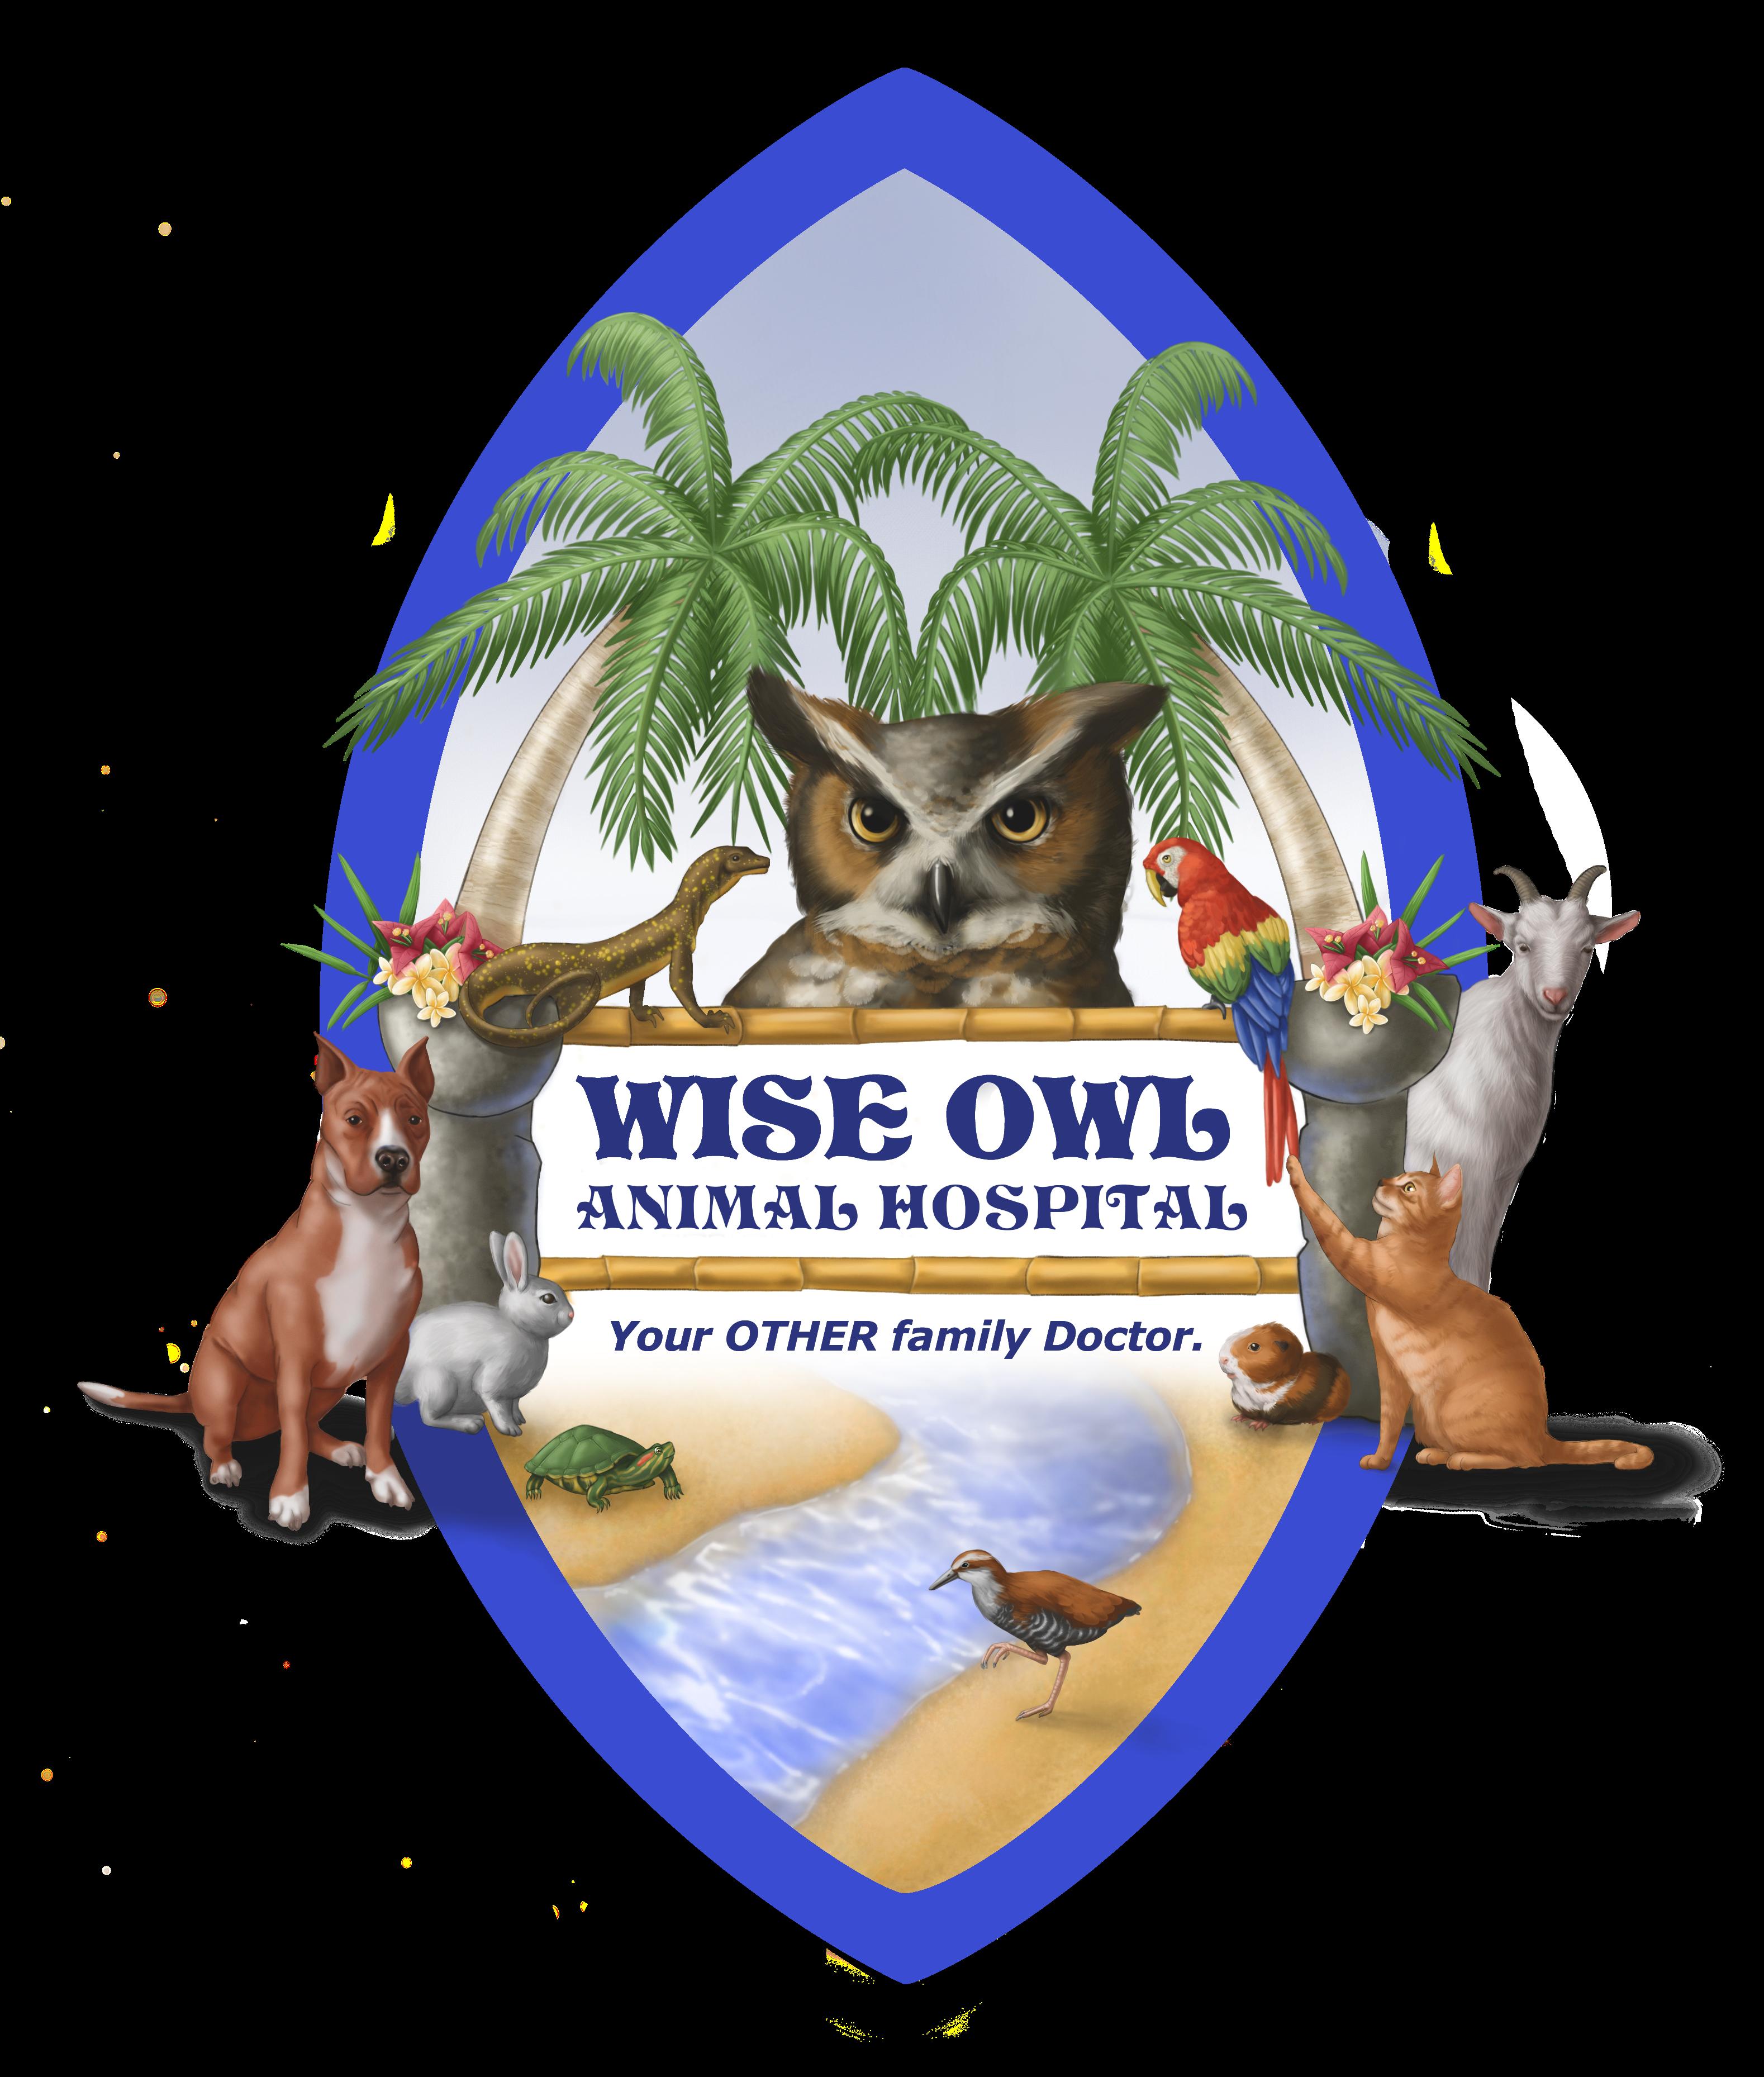 Wise Owl Logo